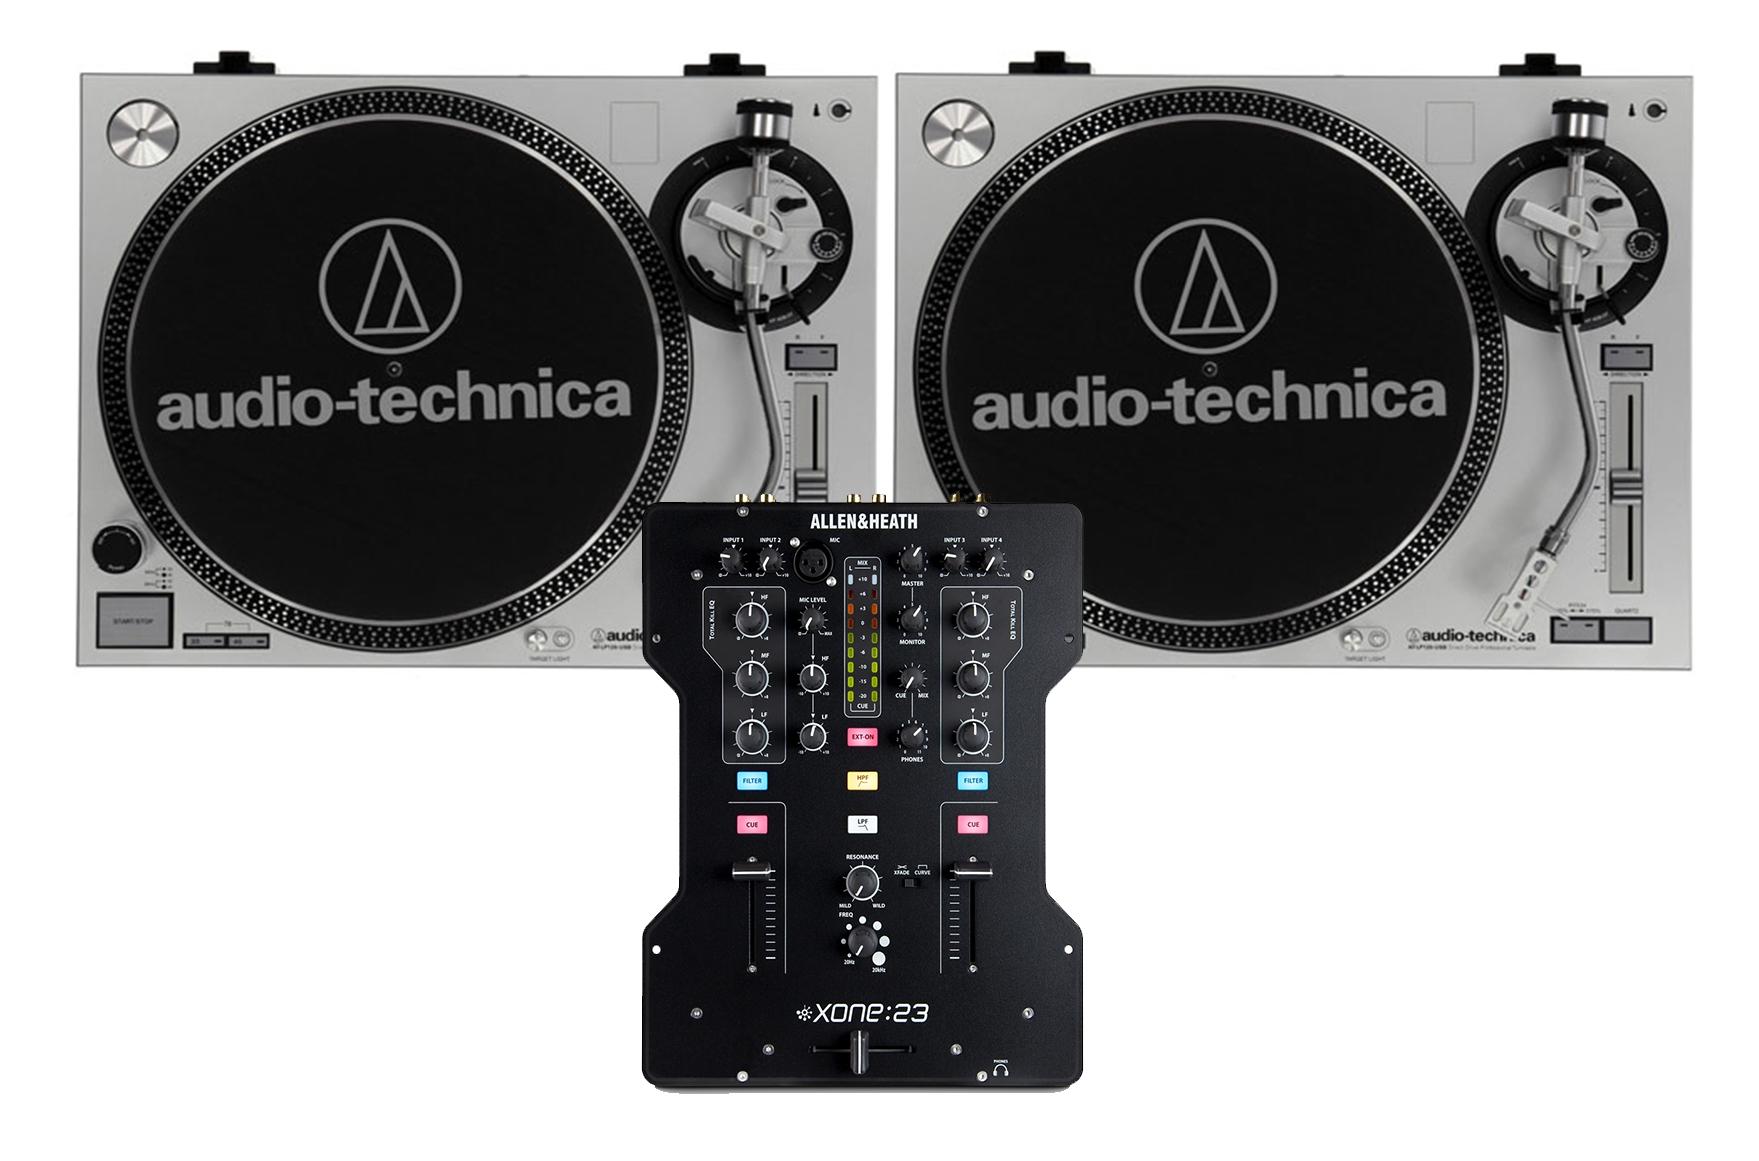 2 x Audio Technica ATLP120 & Allen & Heath Xone 23